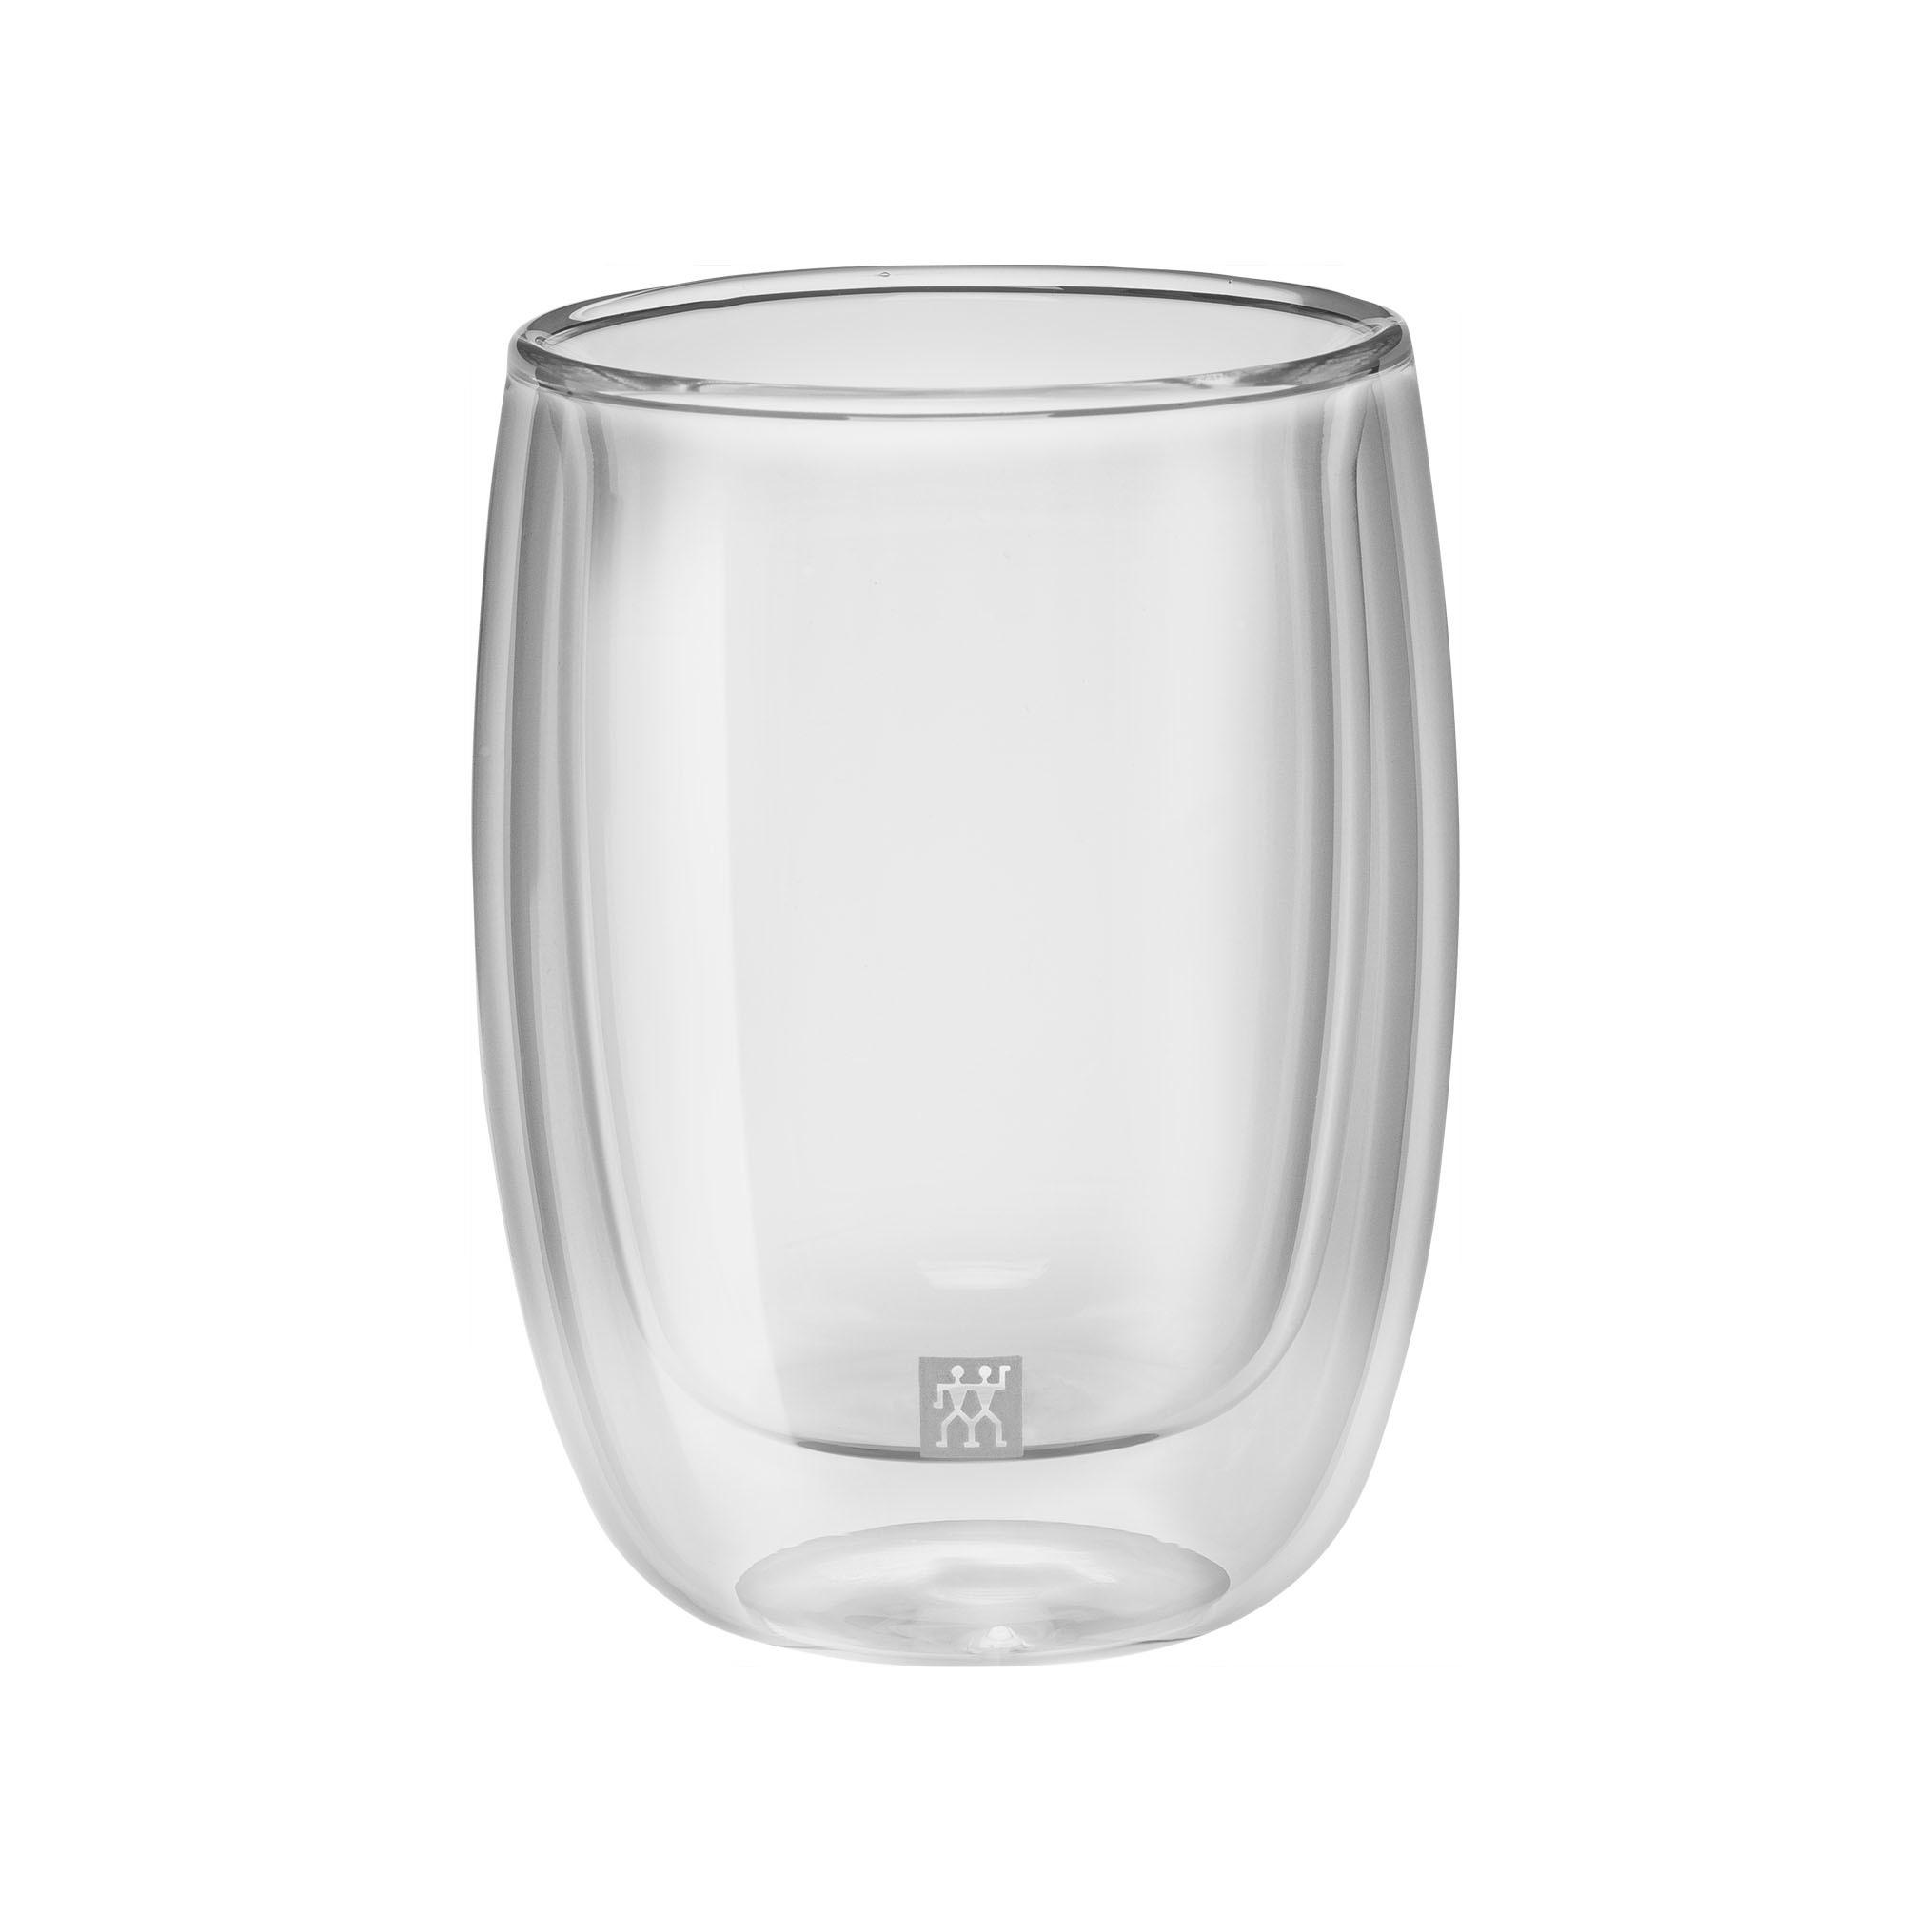 Набор из 2 стаканов для кофе 200 мл Zwilling 39500-076Кружки и чашки<br>Набор из 2 стаканов для кофе 200 мл Zwilling 39500-076<br><br>Назначение: для кофе. Сохраняют горячие напитки горячими и холодные - холодными долгое время. Легкие, прочные и устойчивые.<br>Уход: Мыть рекомендуется вручную теплой водой с применением жидкого моющего средства, вытирать насухо чистыми безворсовыми салфетками. Пригодны для использования в микроволновой печи.<br>